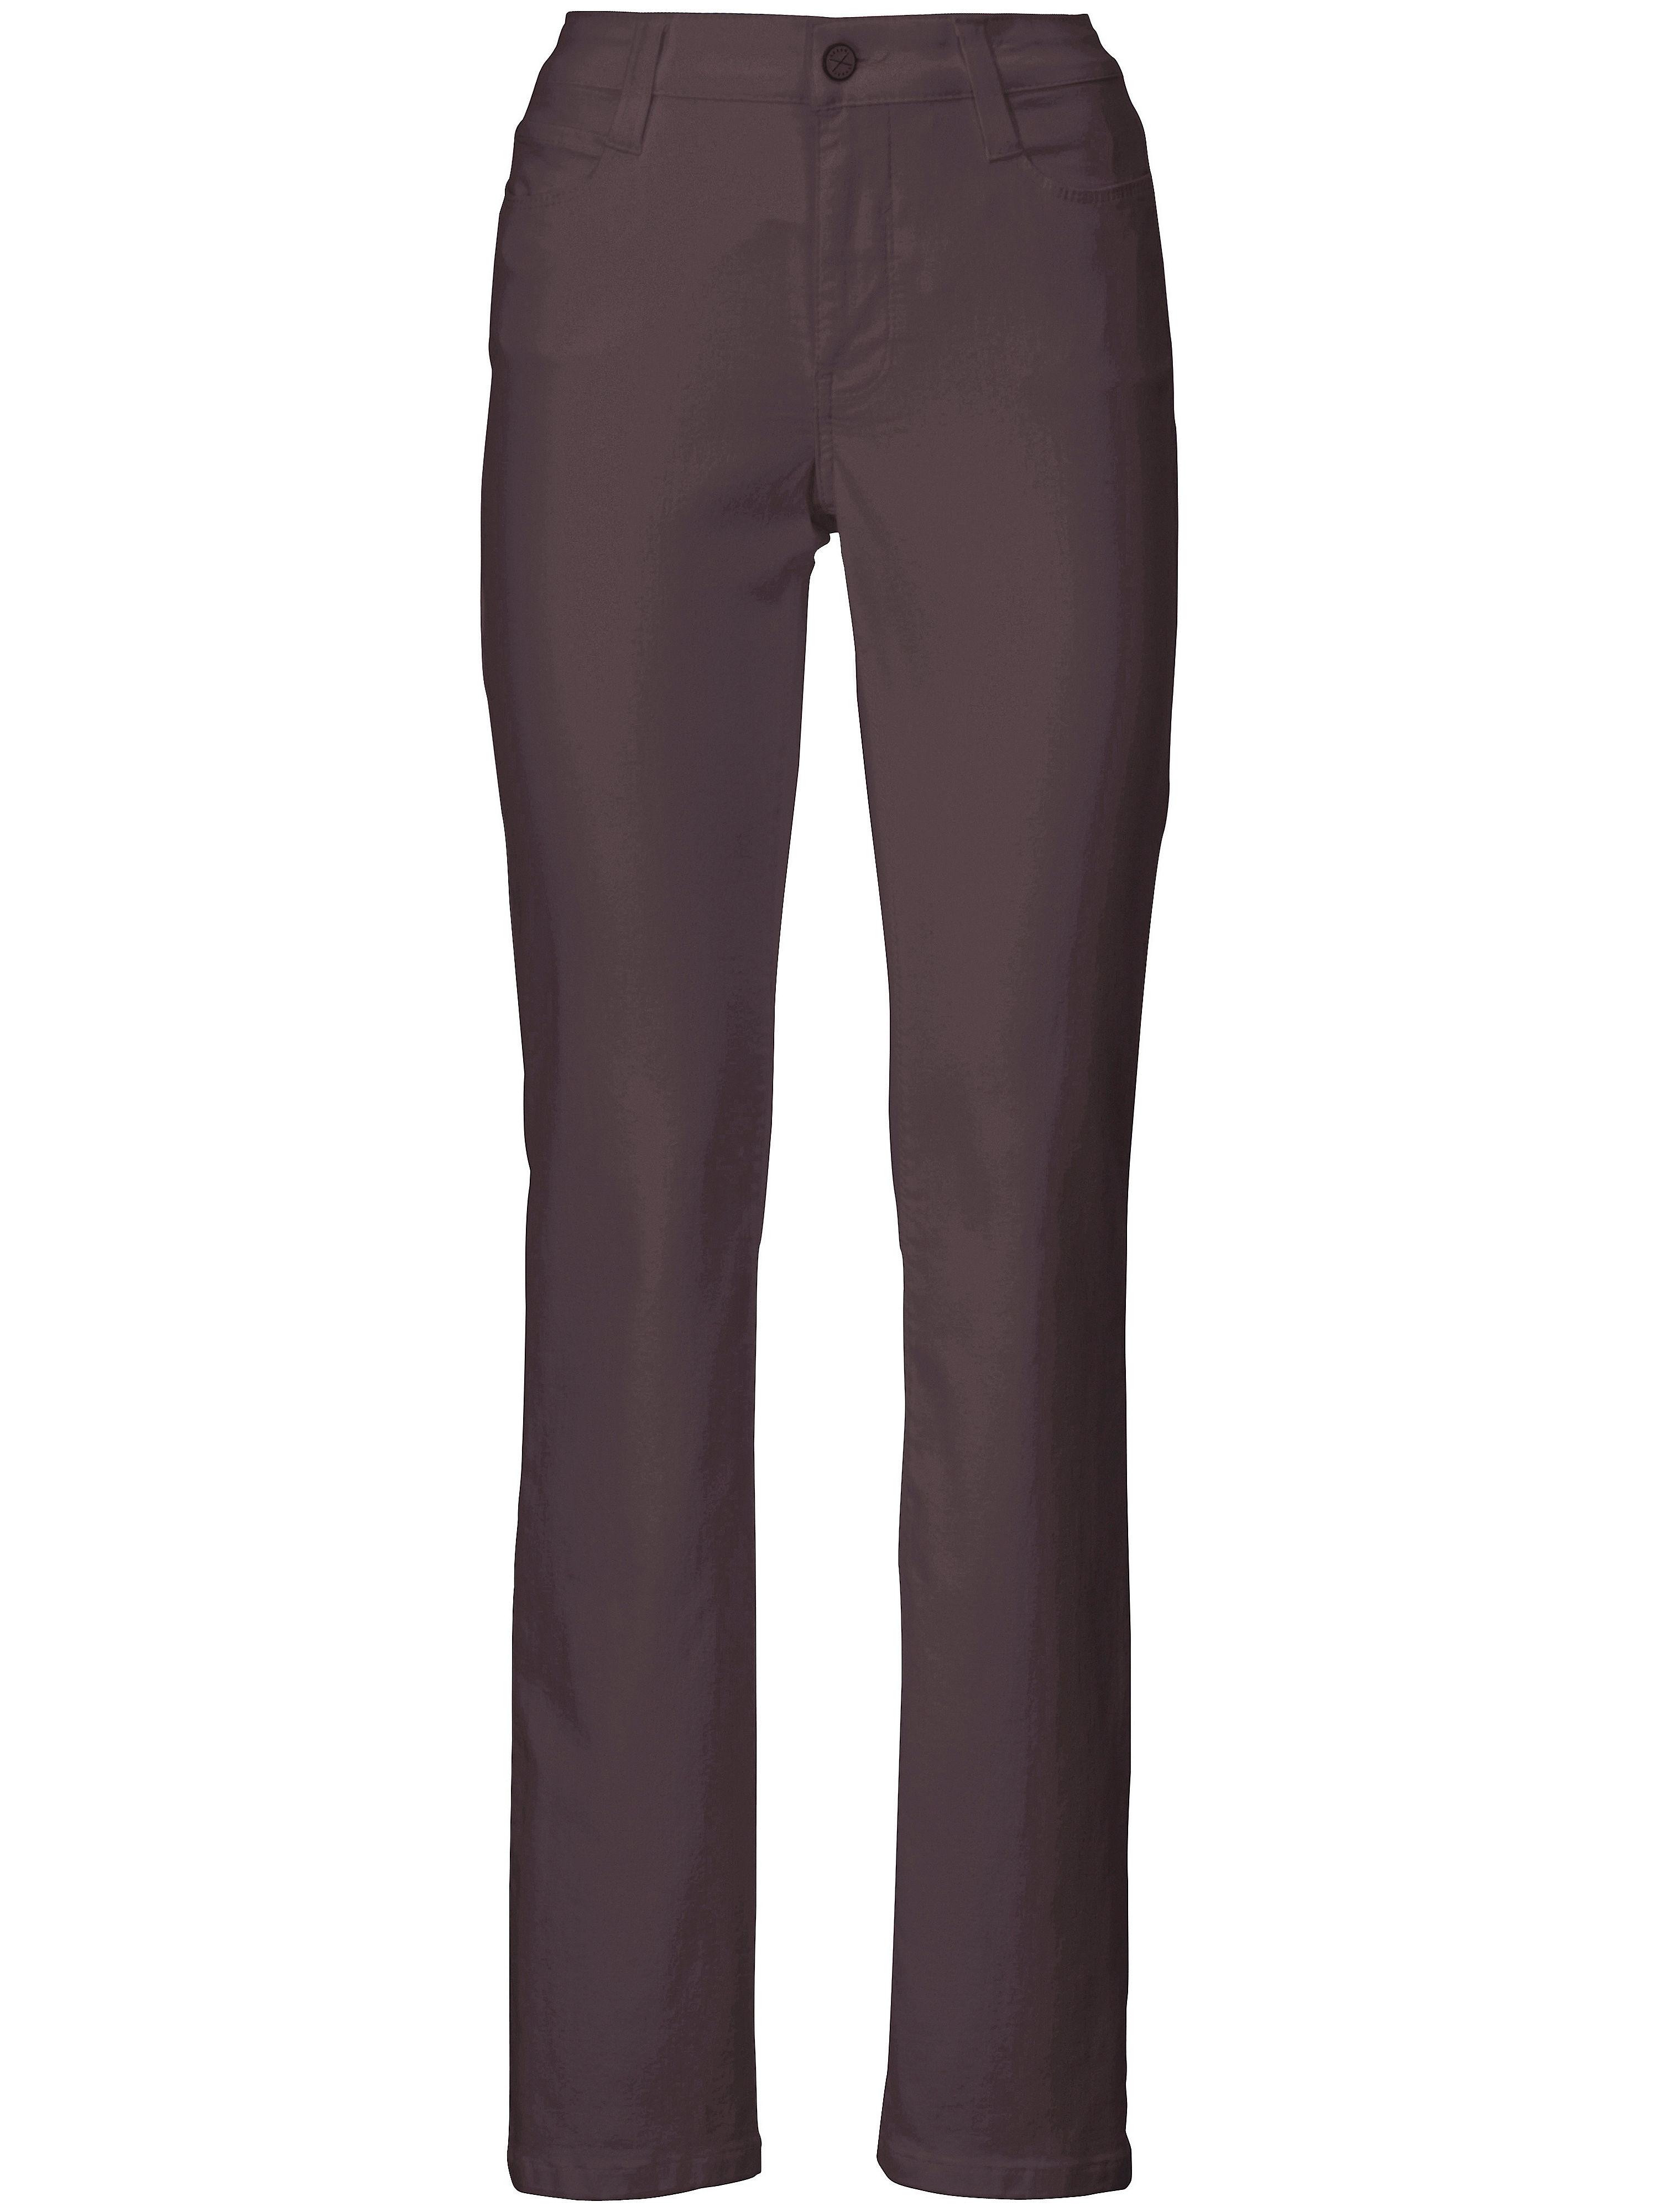 Jeans 32 inch Van Mac rood